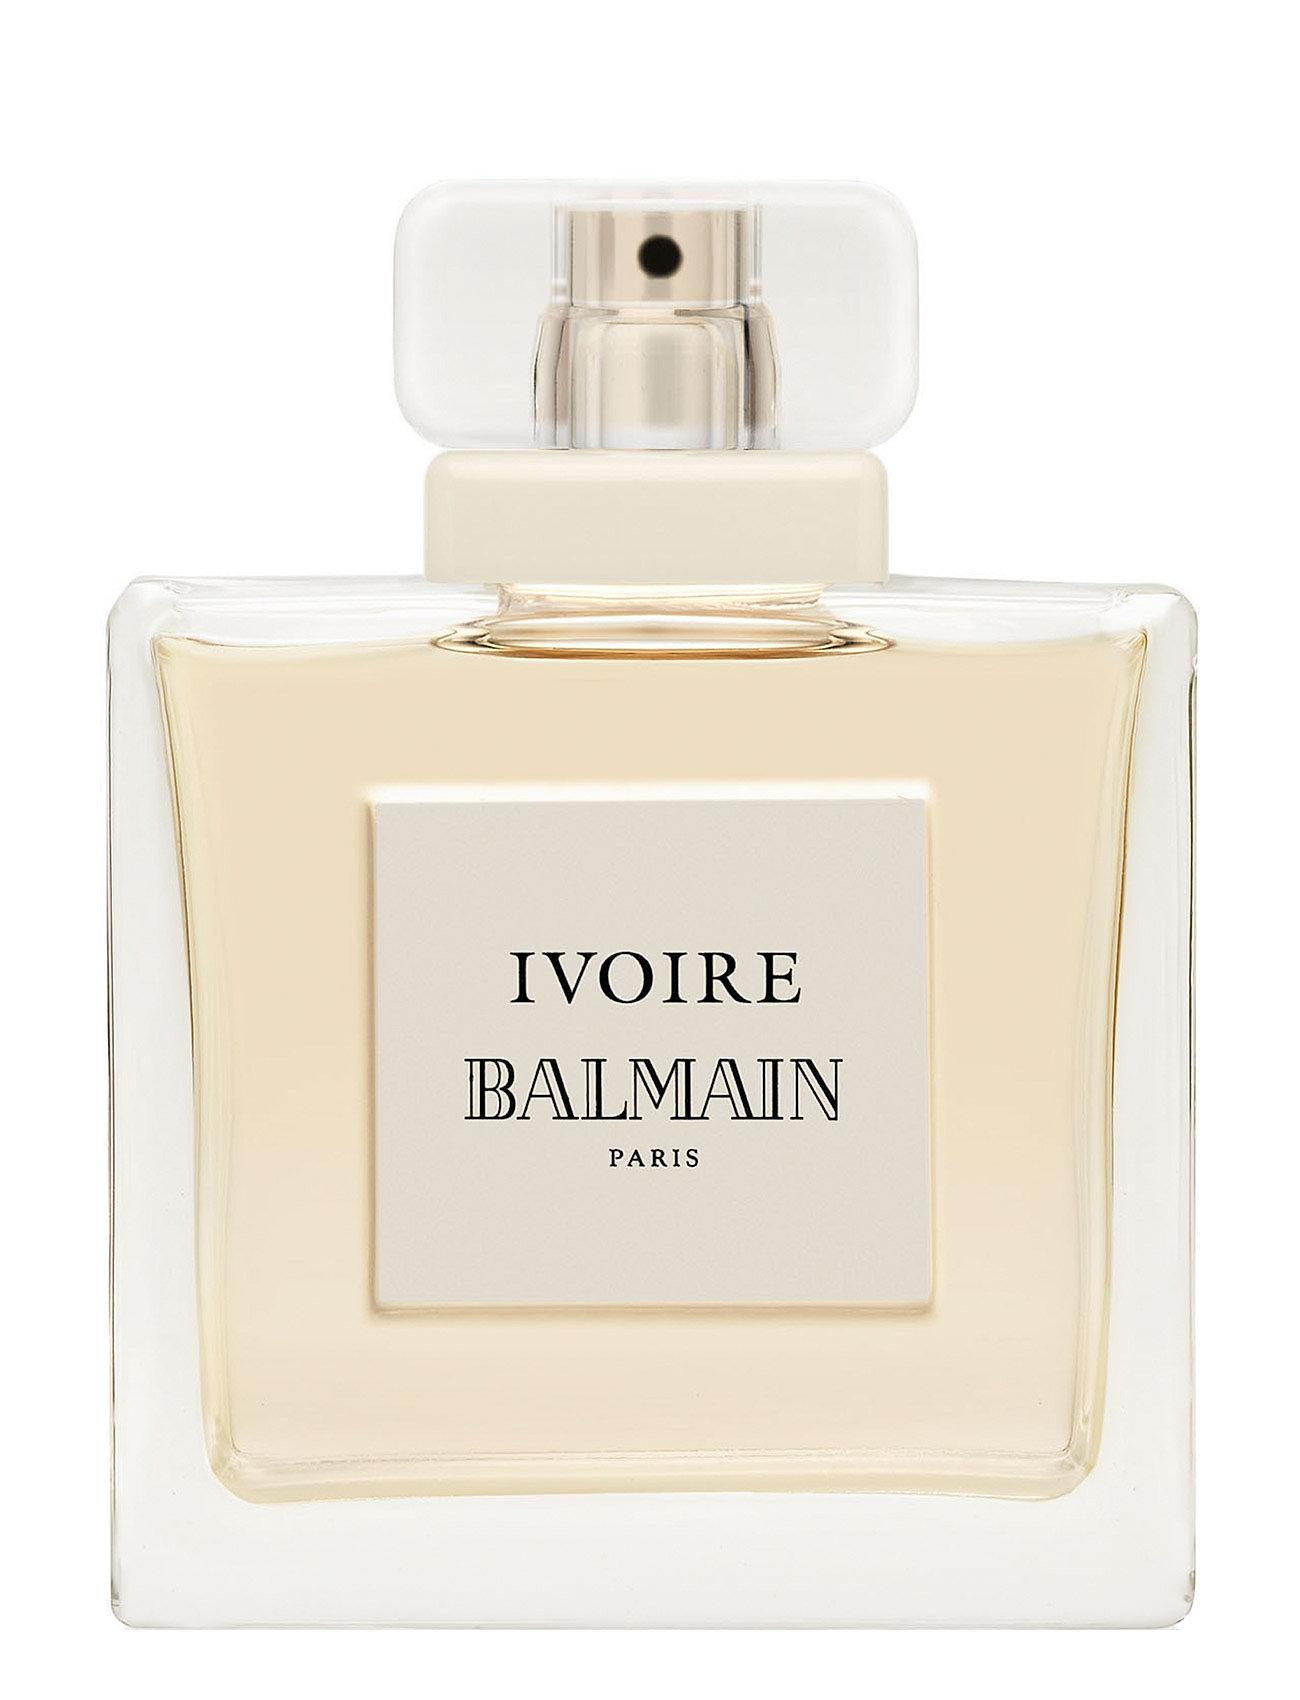 balmain – Ivoire eau de parfum fra boozt.com dk